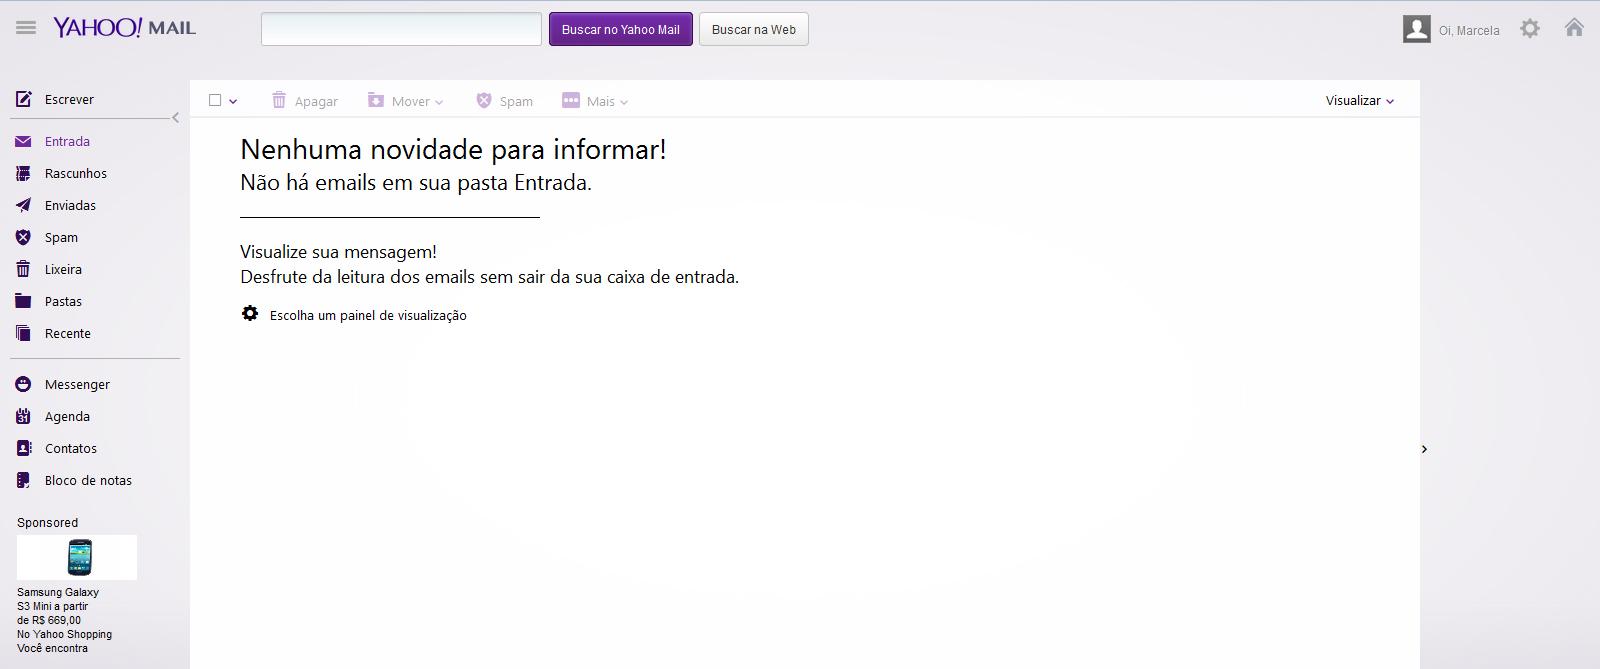 Caixa de entrada do Yahoo Mail (Foto: Reprodução/Marcela Vaz)